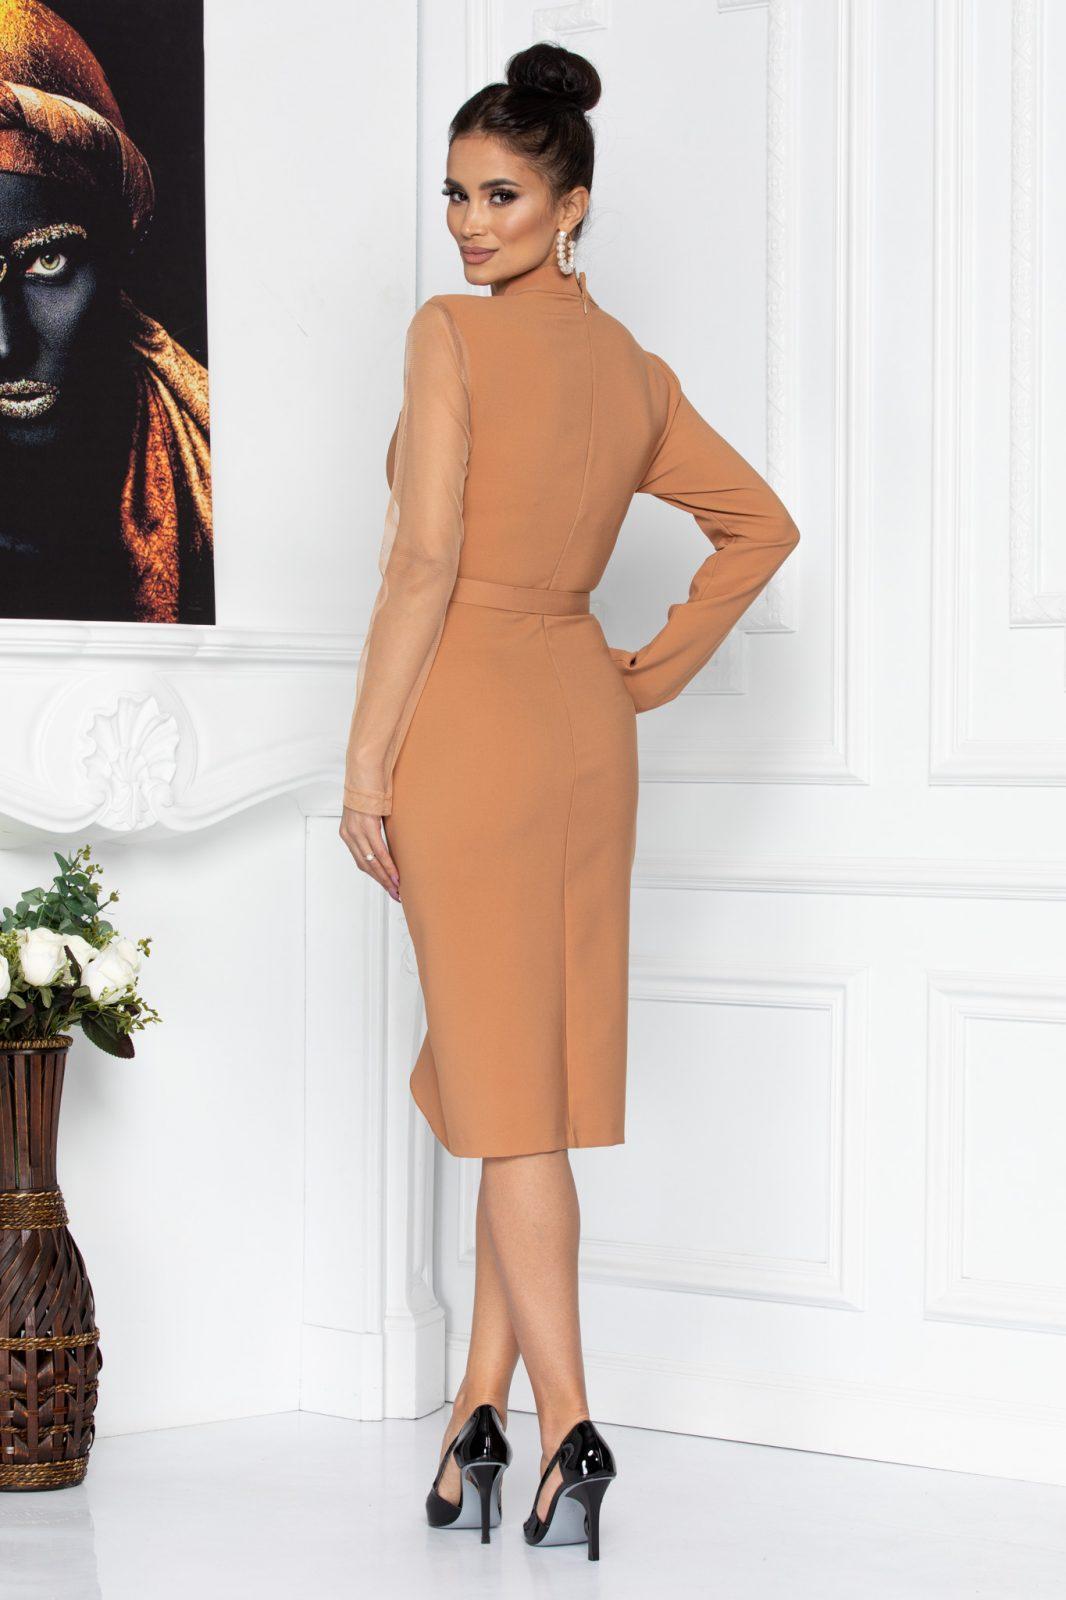 Καραμελέ Βραδινό Φόρεμα Adette 8679 1